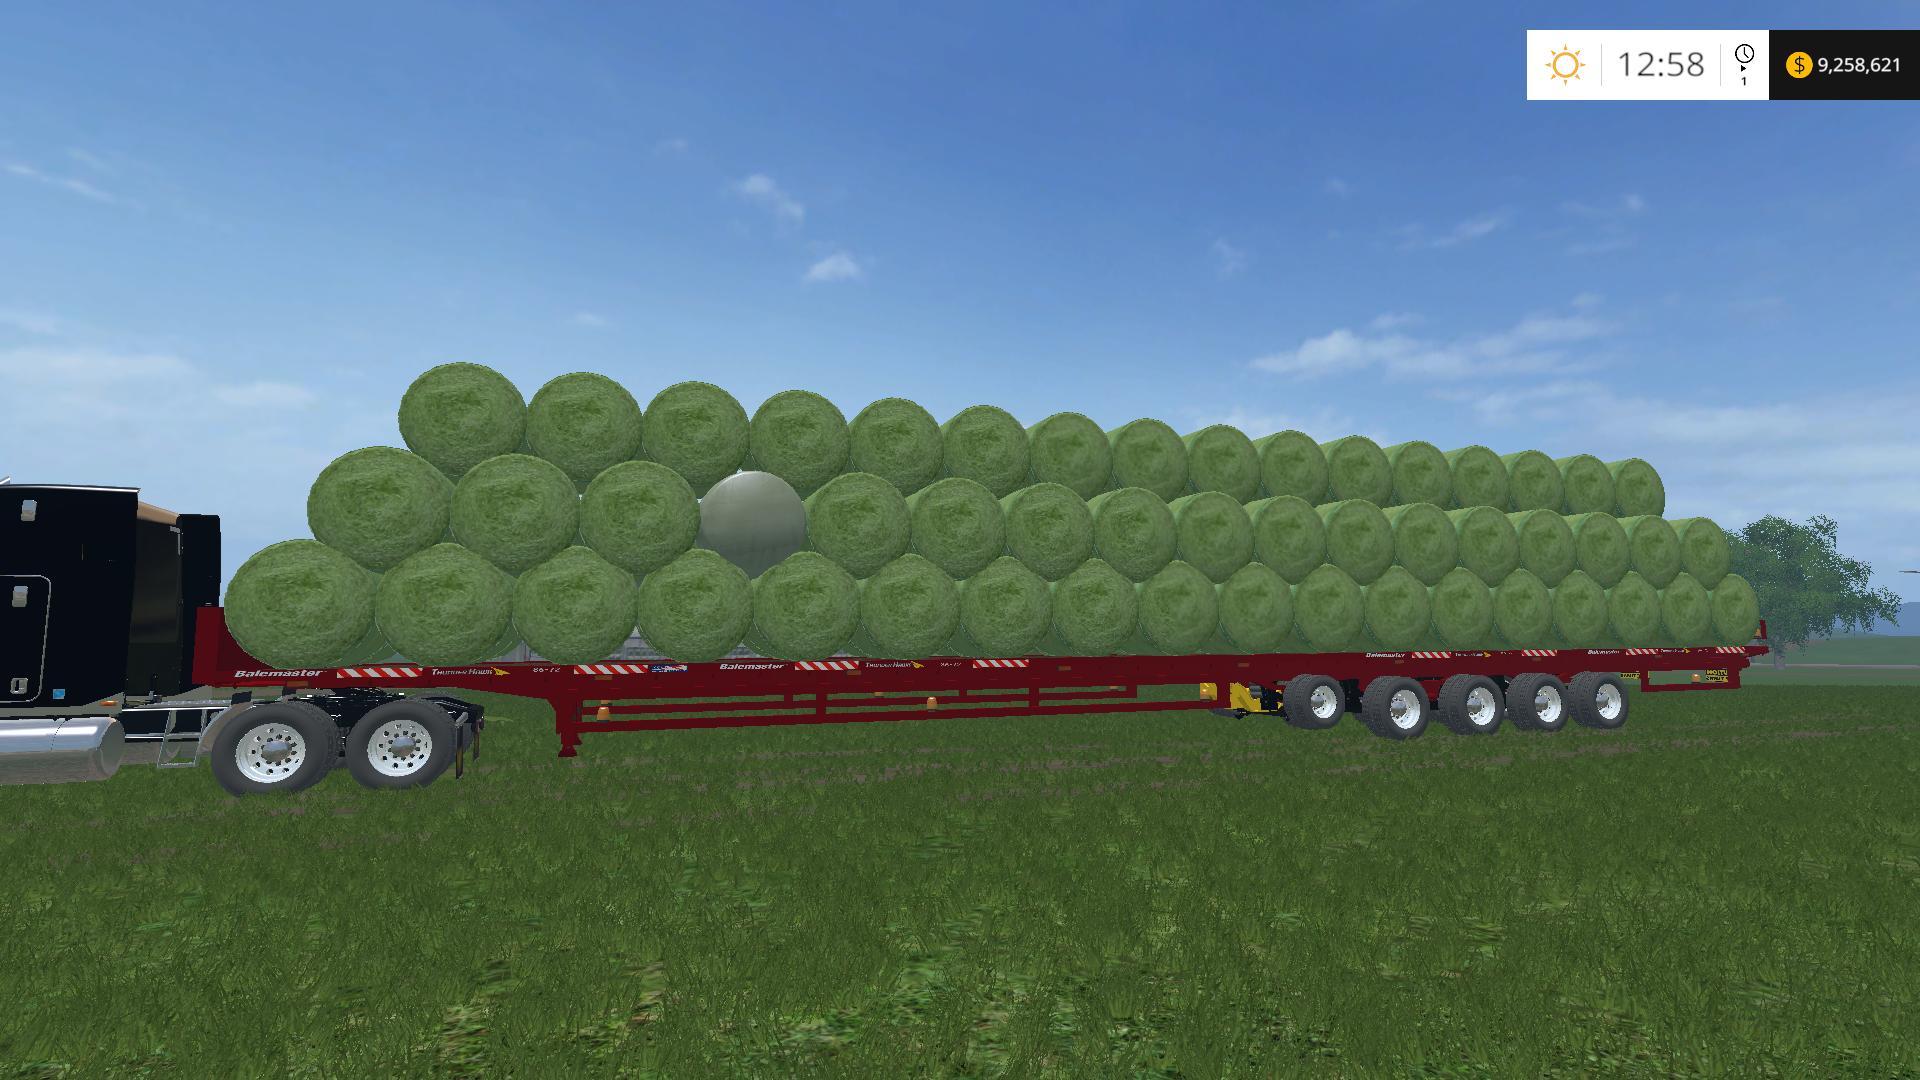 THUNDERHAWK BALEMASTER 86-72 V1 • Farming simulator 19, 17, 15 mods